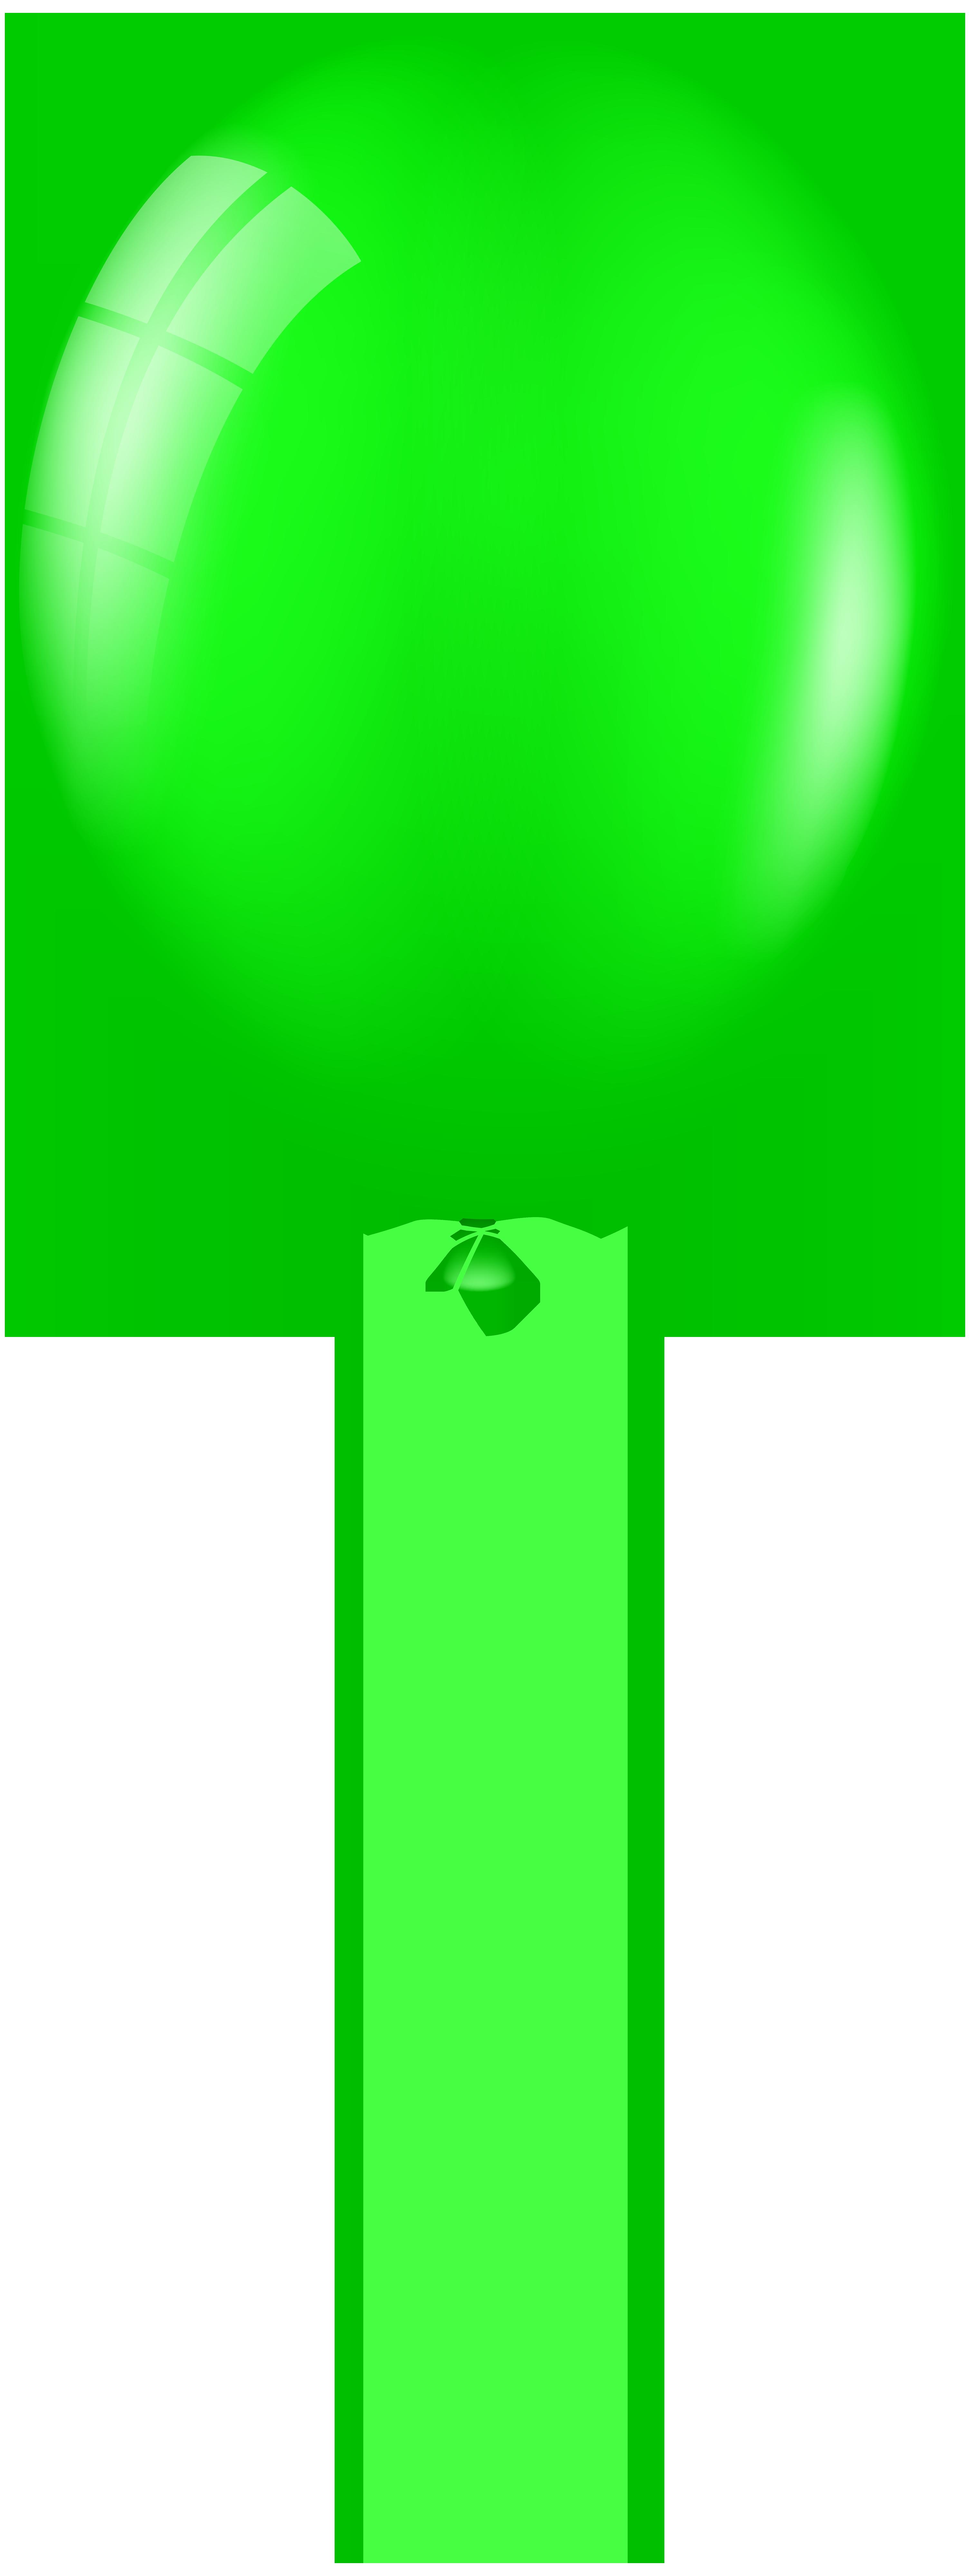 Png clip art best. Clipart balloon dark green